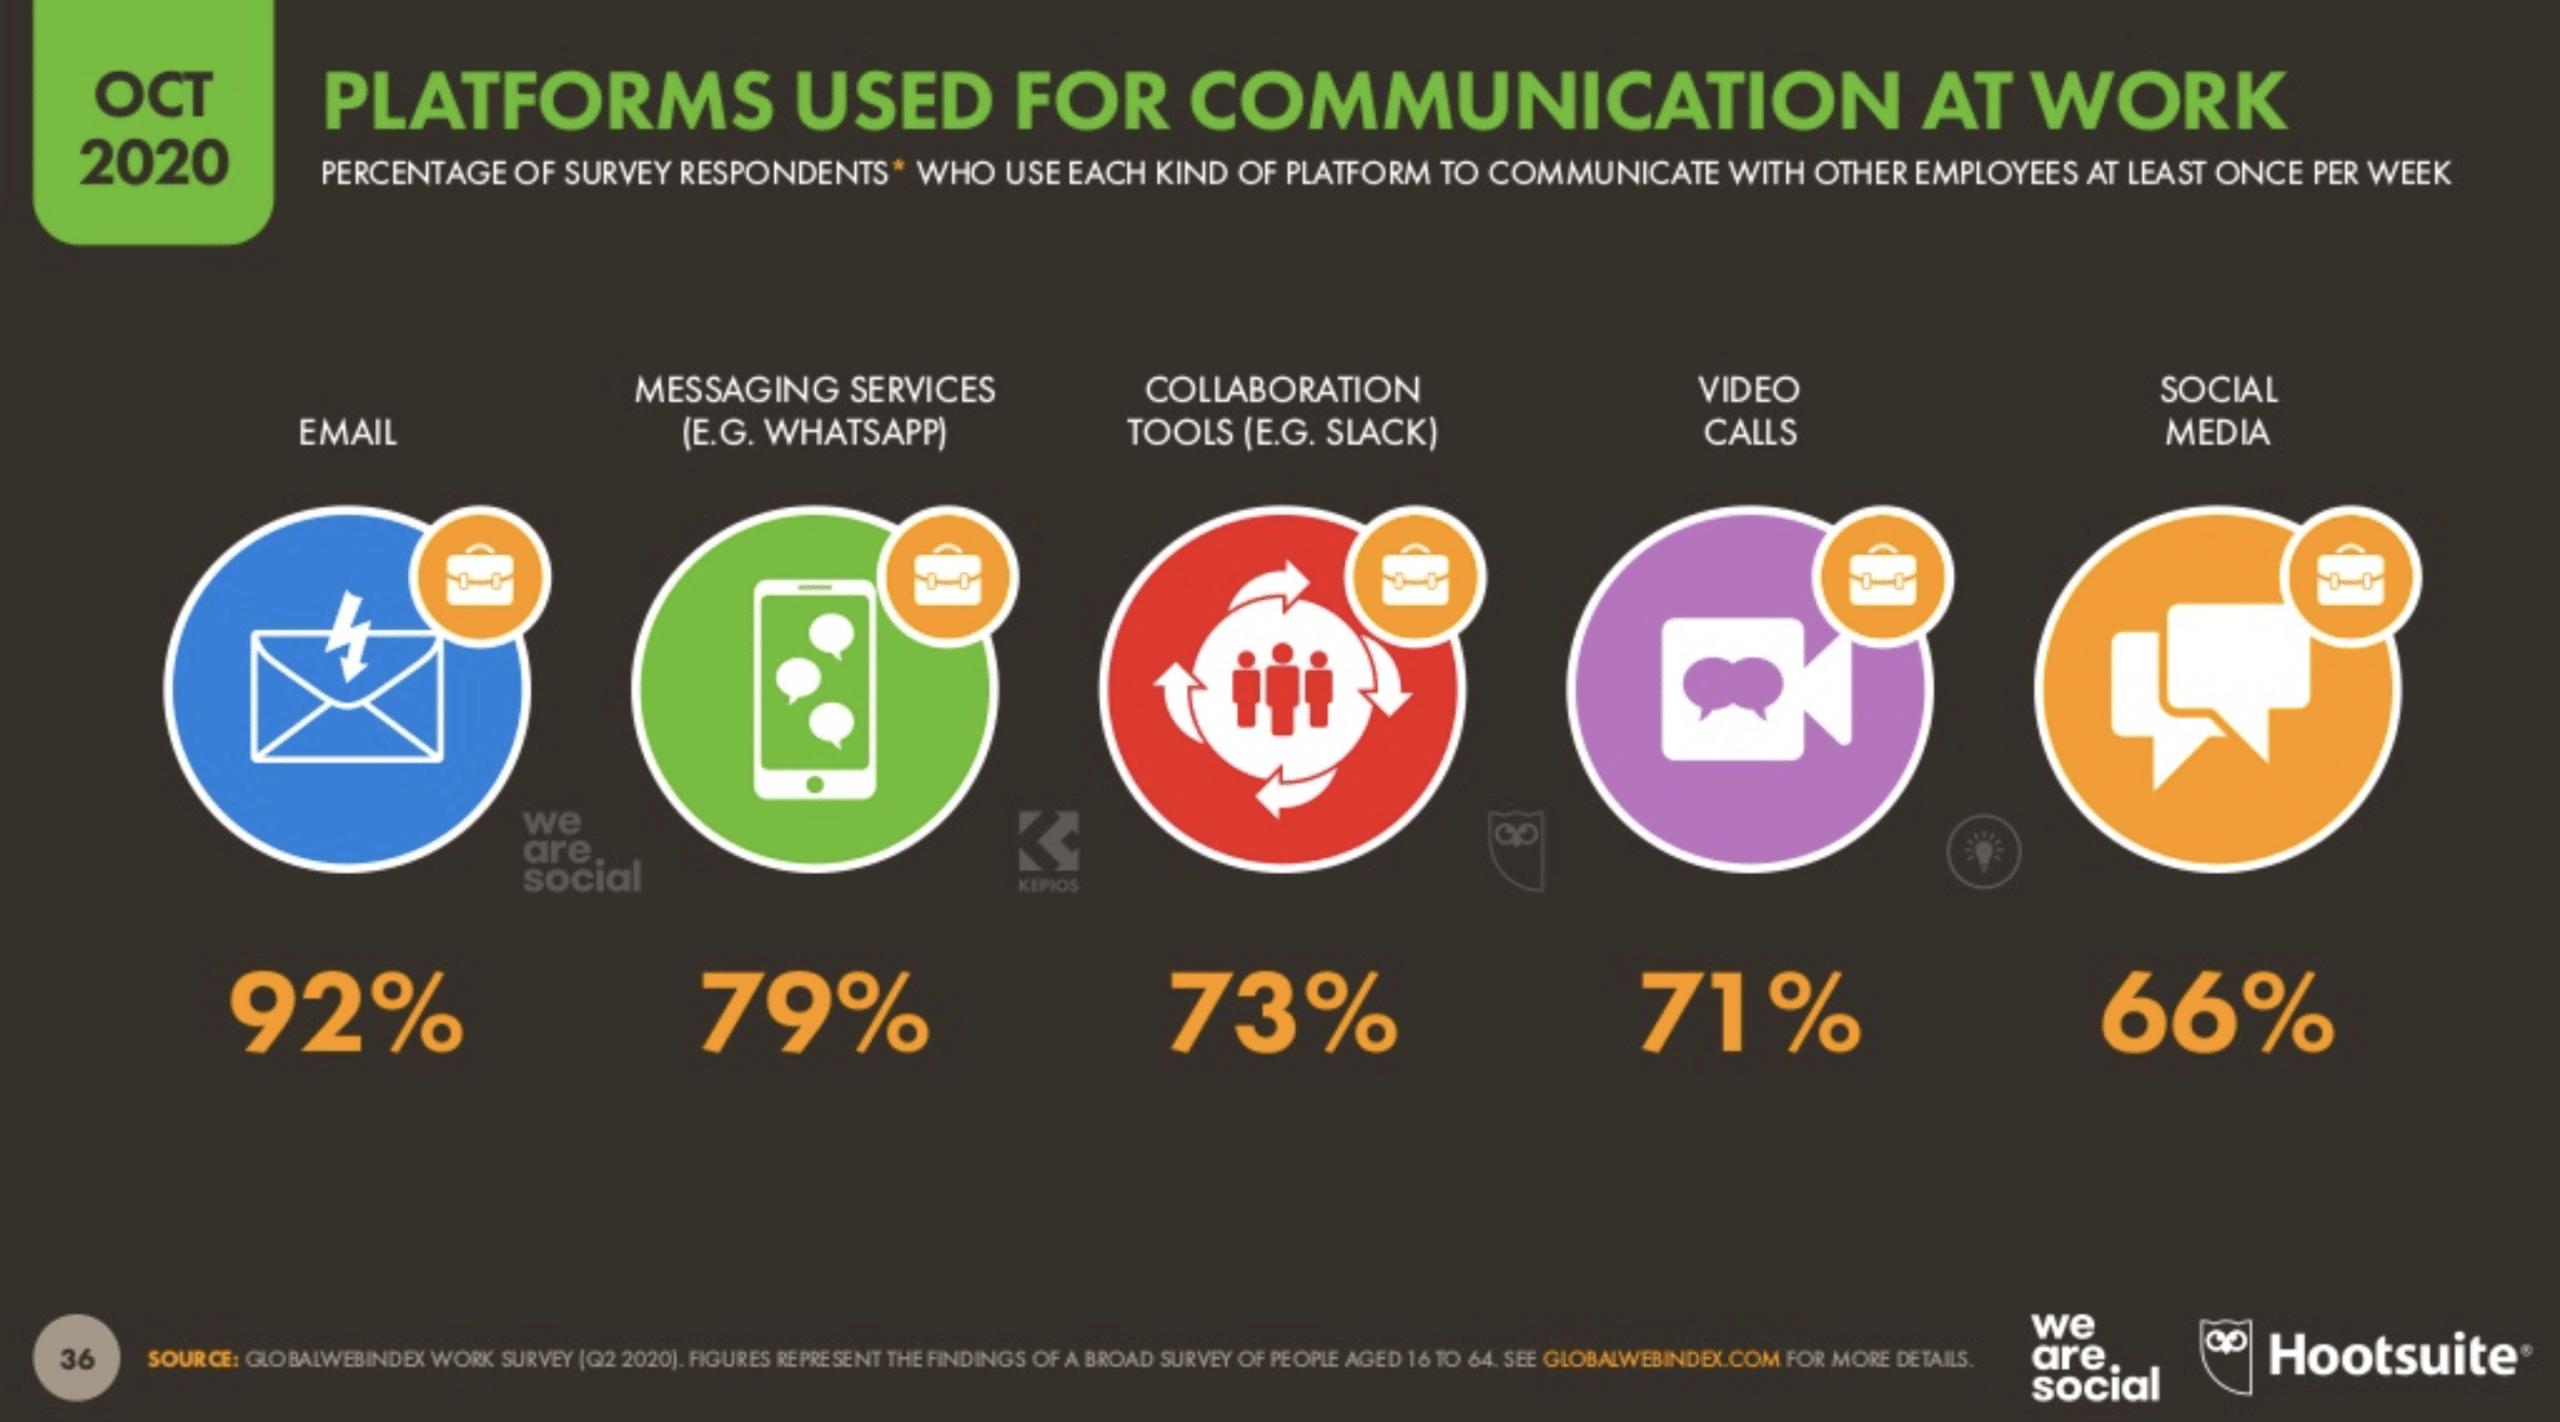 le piattaforme più usate per comunicare in ambiente lavorativo